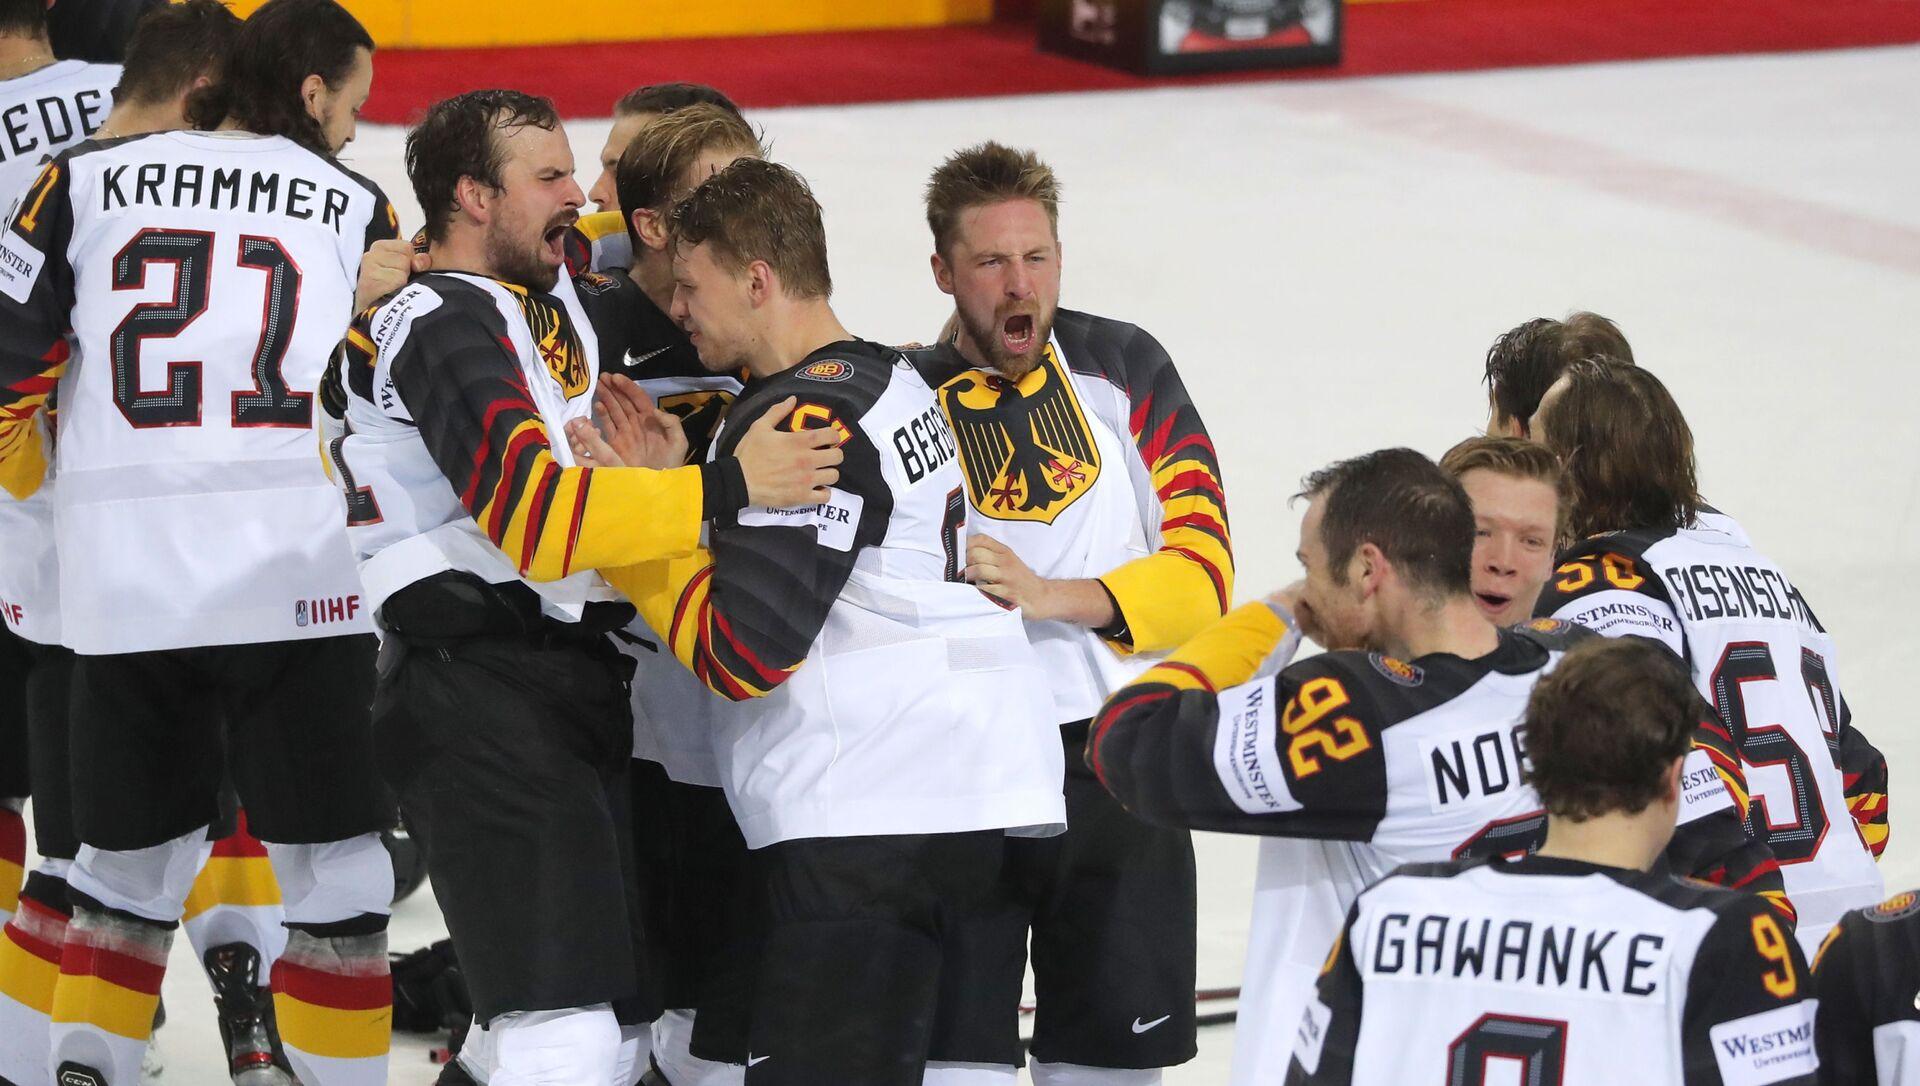 Хоккеисты сборной Германии на ЧМ в Риге - Sputnik Беларусь, 1920, 03.06.2021